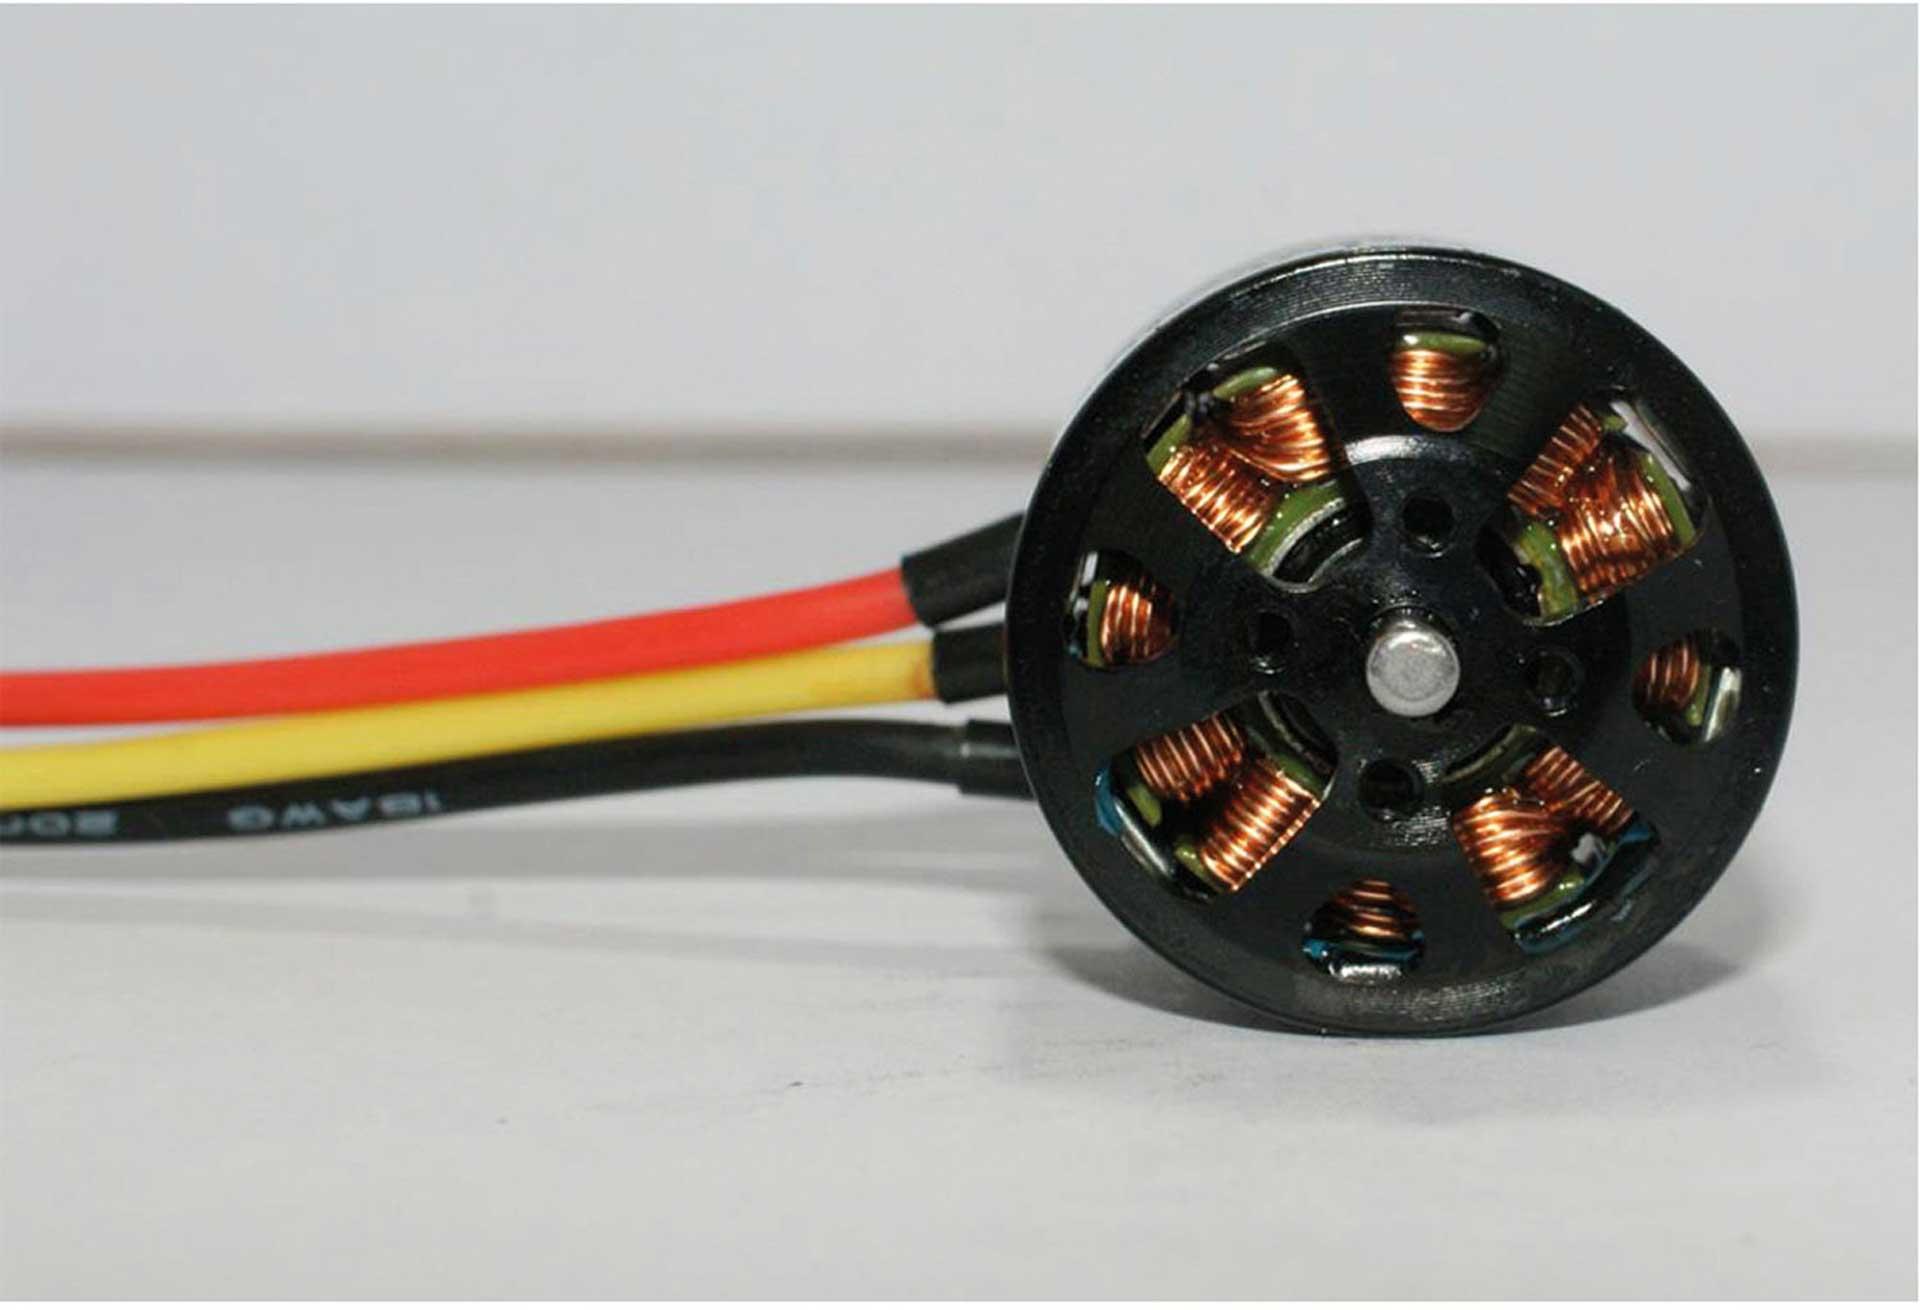 ROBBE RO-POWER TORQUE 2828 1350 K/V BRUSHLESS